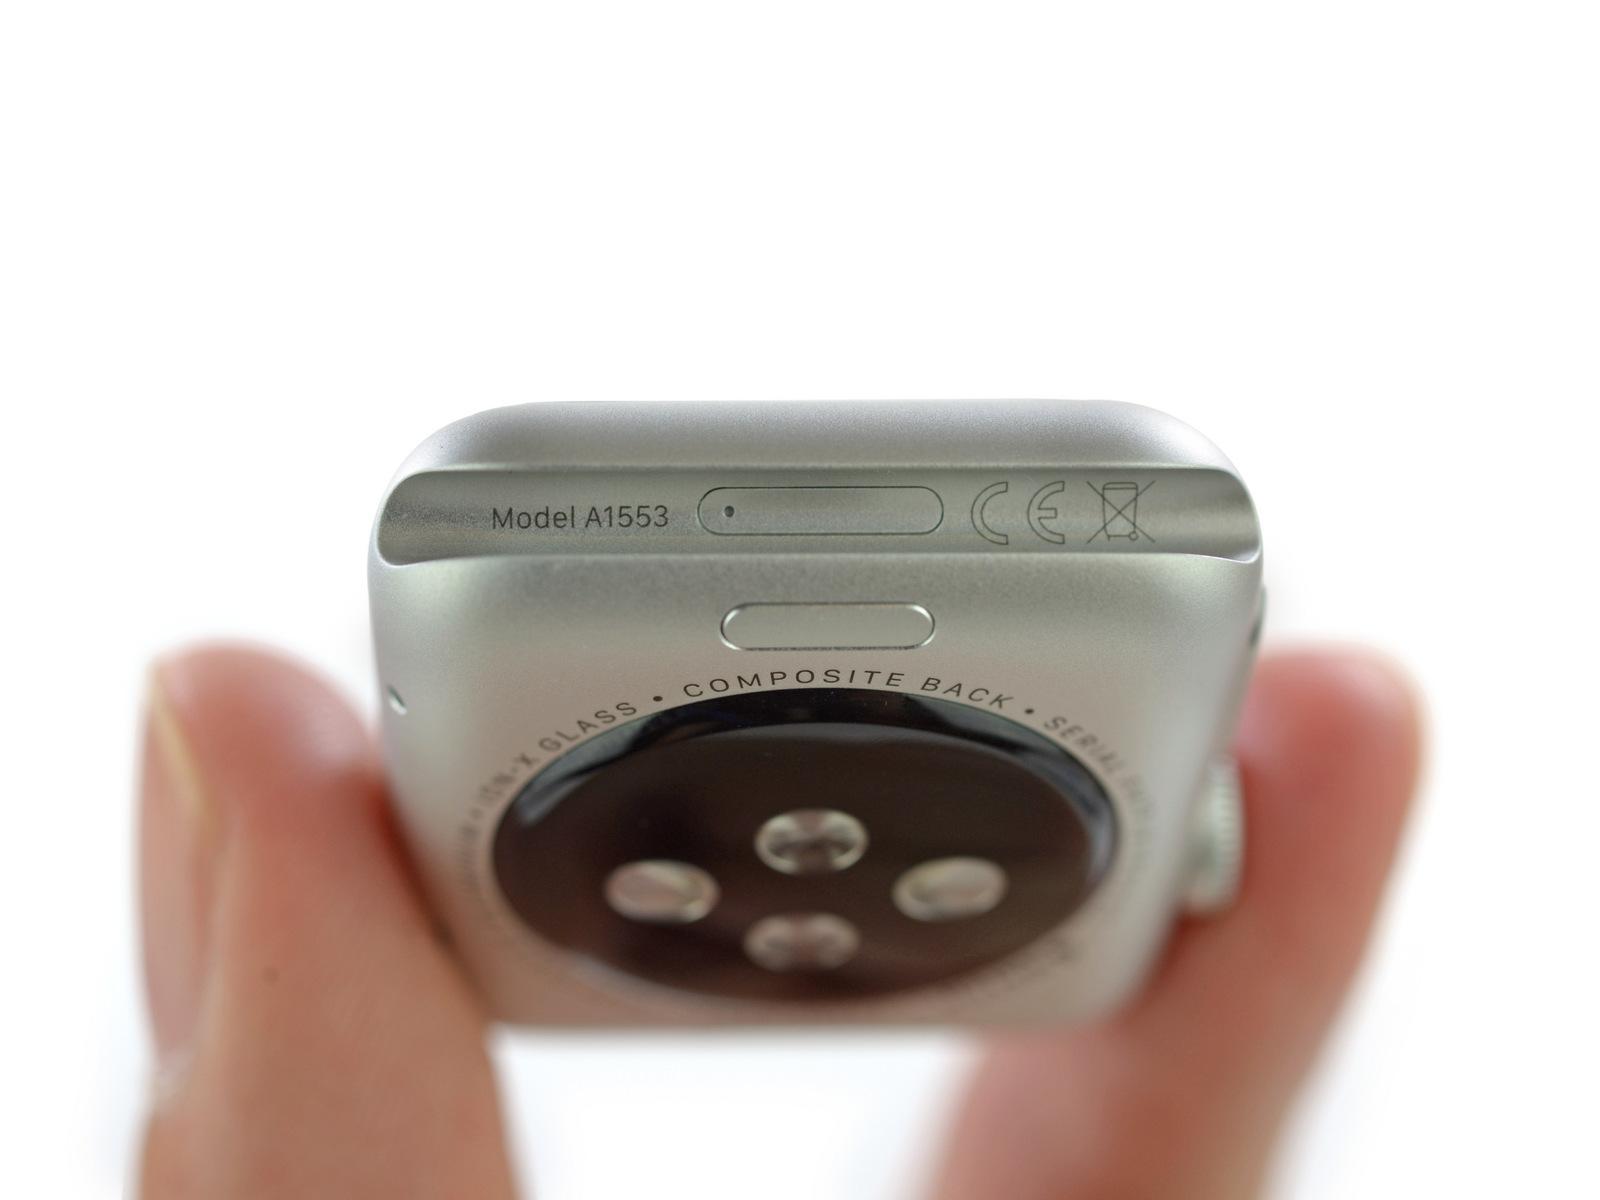 Apple Watchin rungossa on piilotettu dataportti, johon saattaisi olla mahdollista yhdistää uusia ominaisuuksia tuovia rannekkeita.